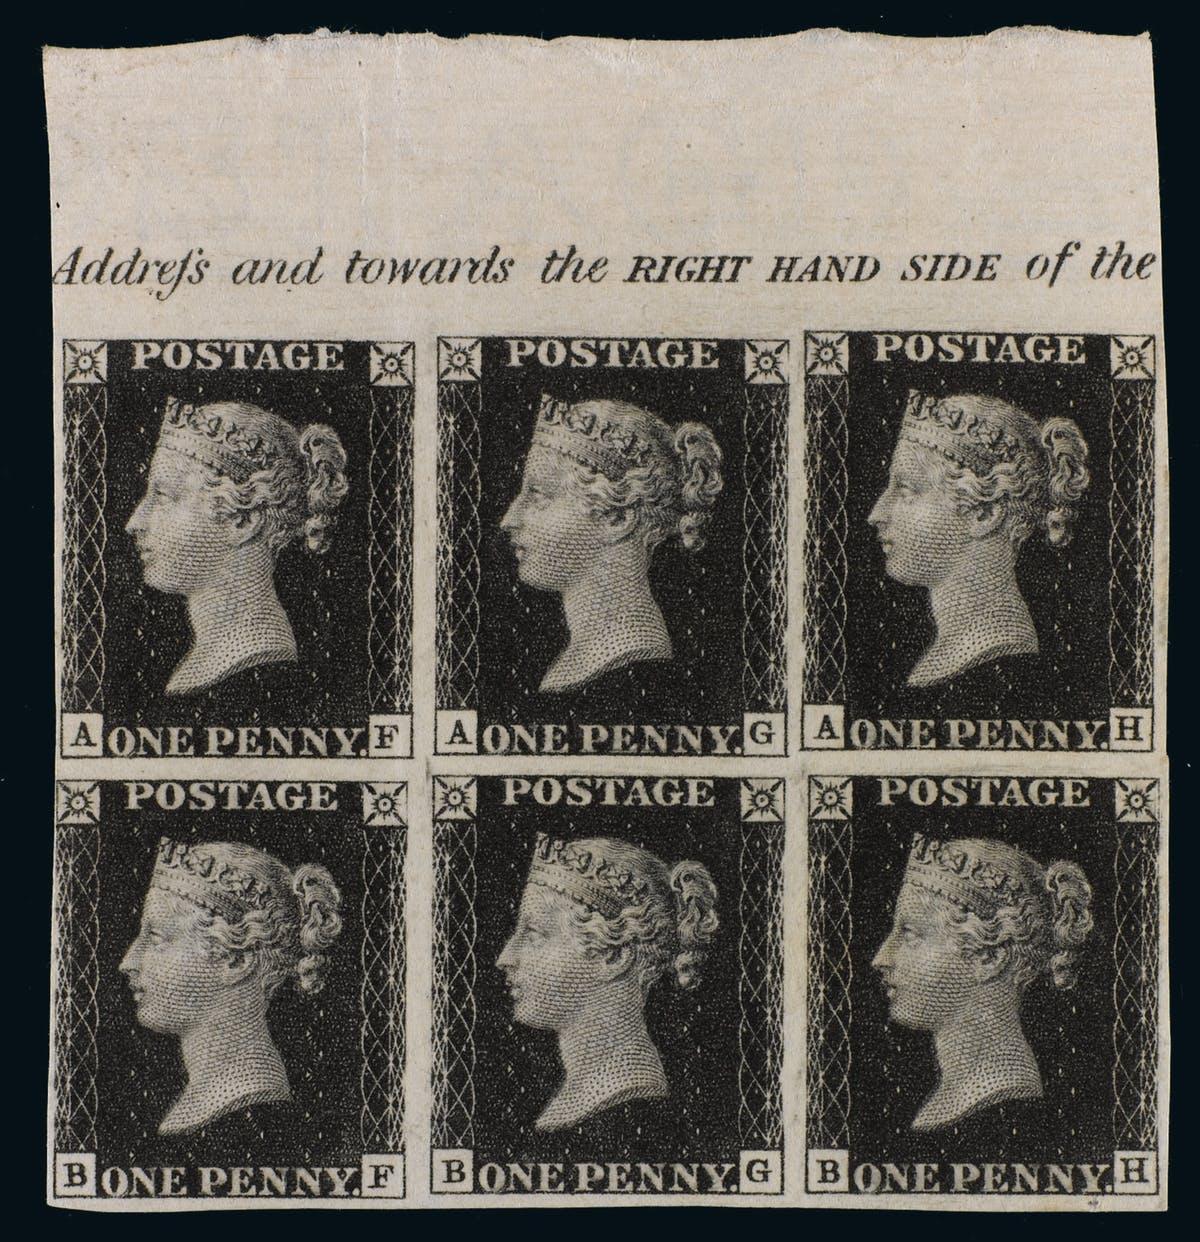 Ein Block mit 5 Penny Black-Marken der Plate 7 von 1840 wurde 2011 bei Sotheby's für 210.000 EUR versteigert | Foto: Sotheby's